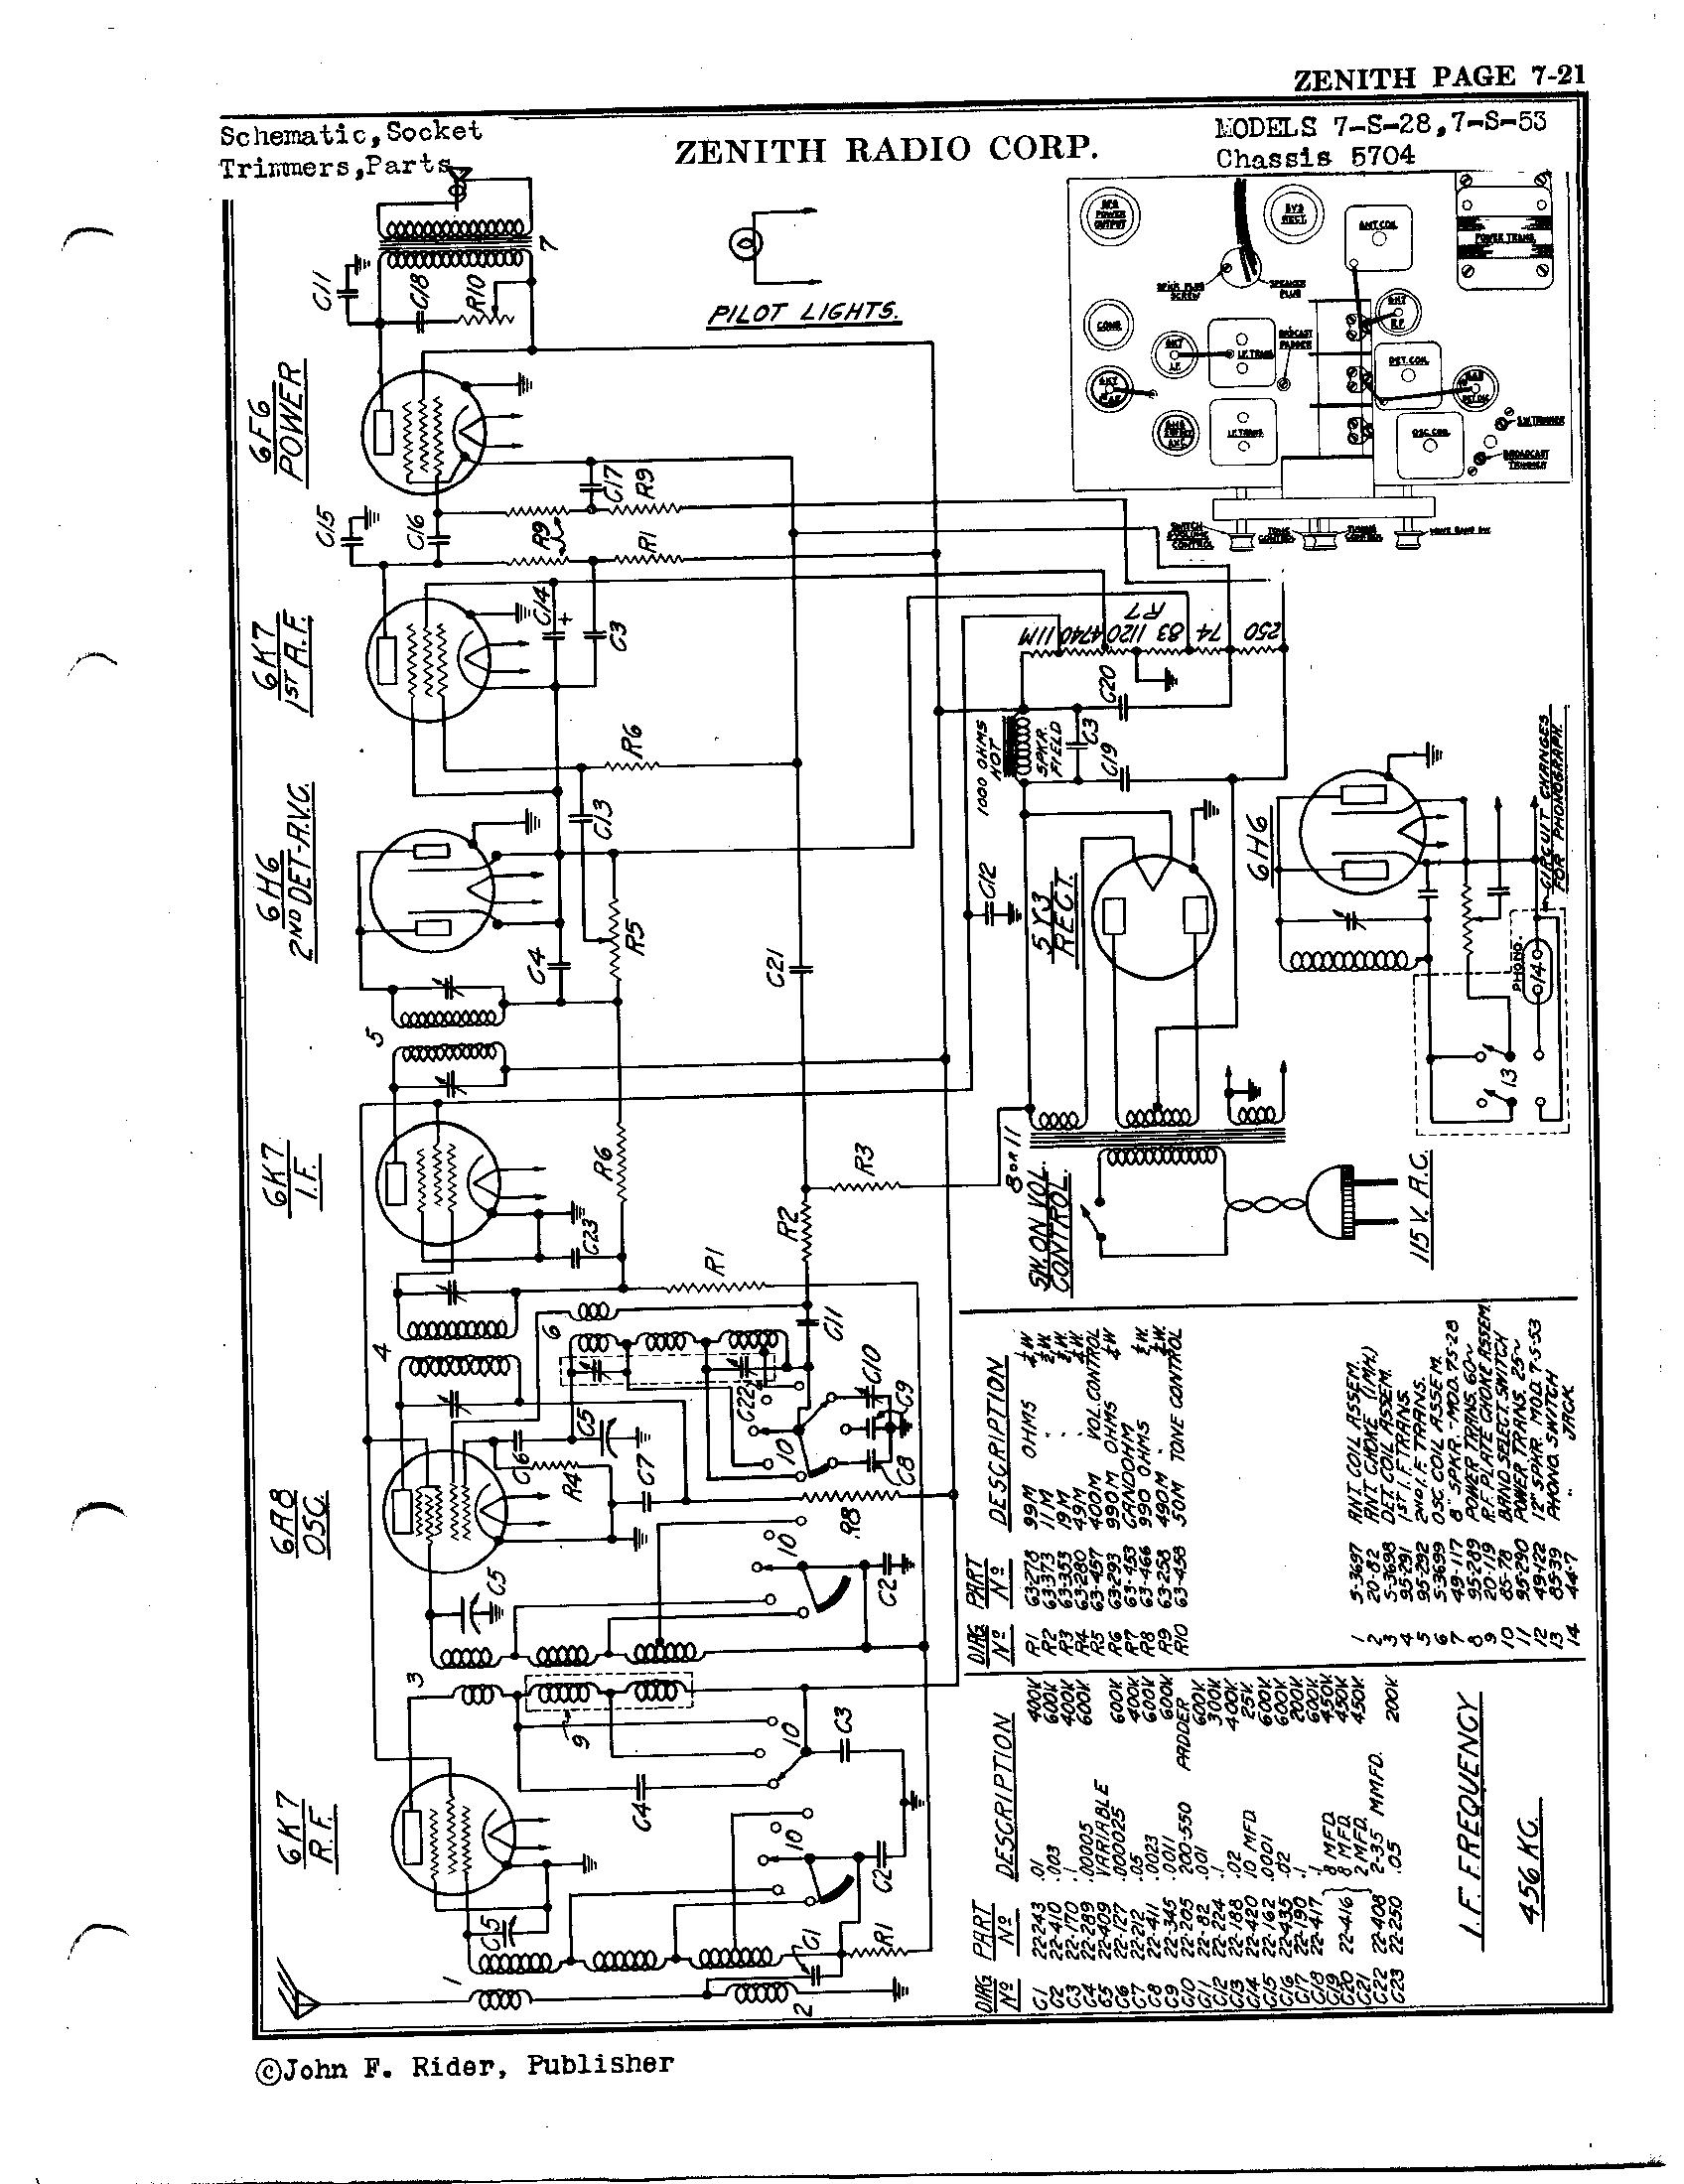 zenith radio corp  7